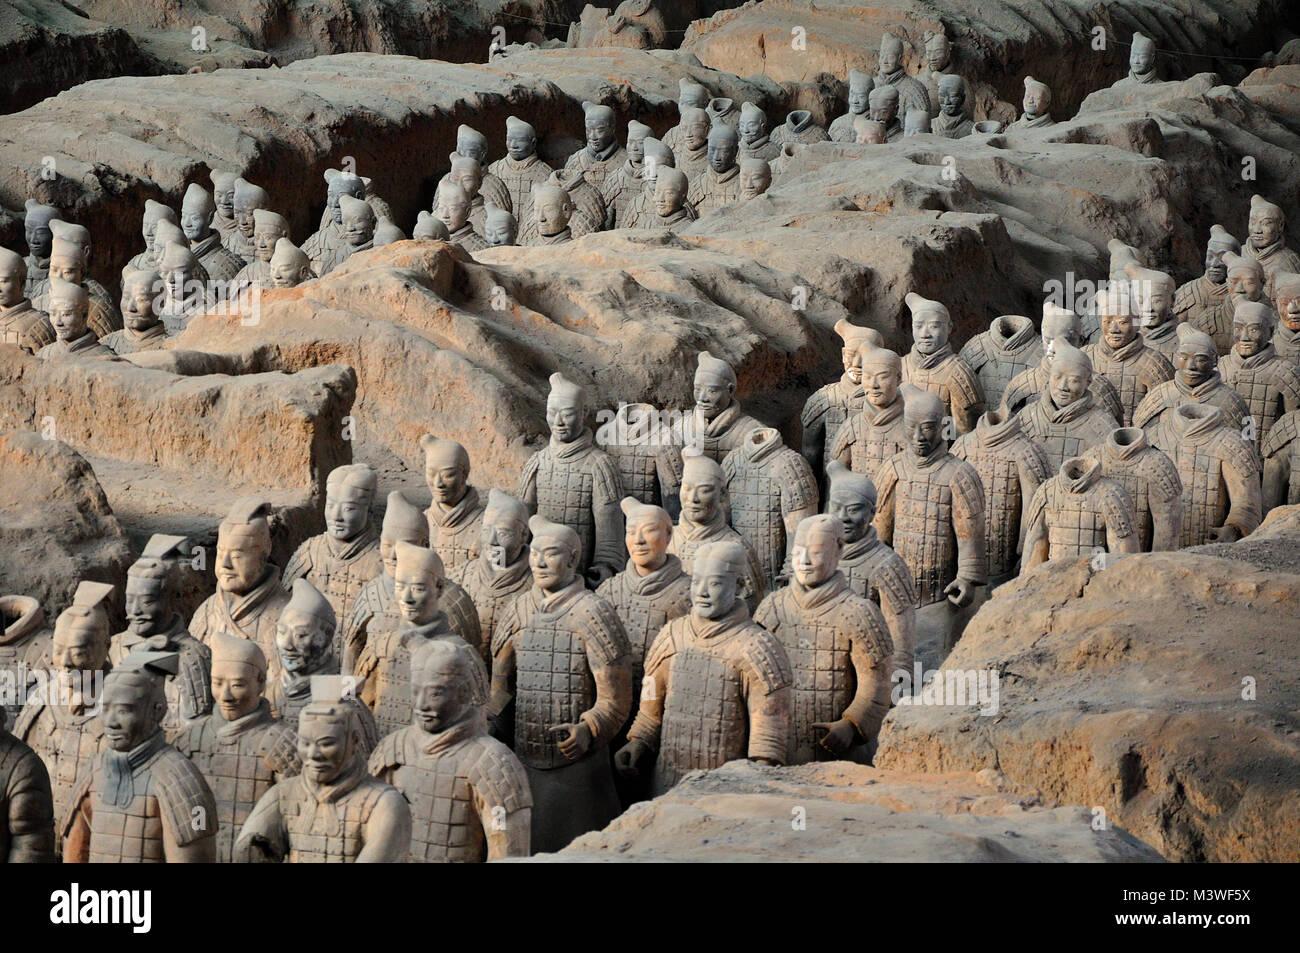 Anciens guerriers en terre cuite du tombeau de l'empereur garde de l'armée de Xi'an, Chine Photo Stock